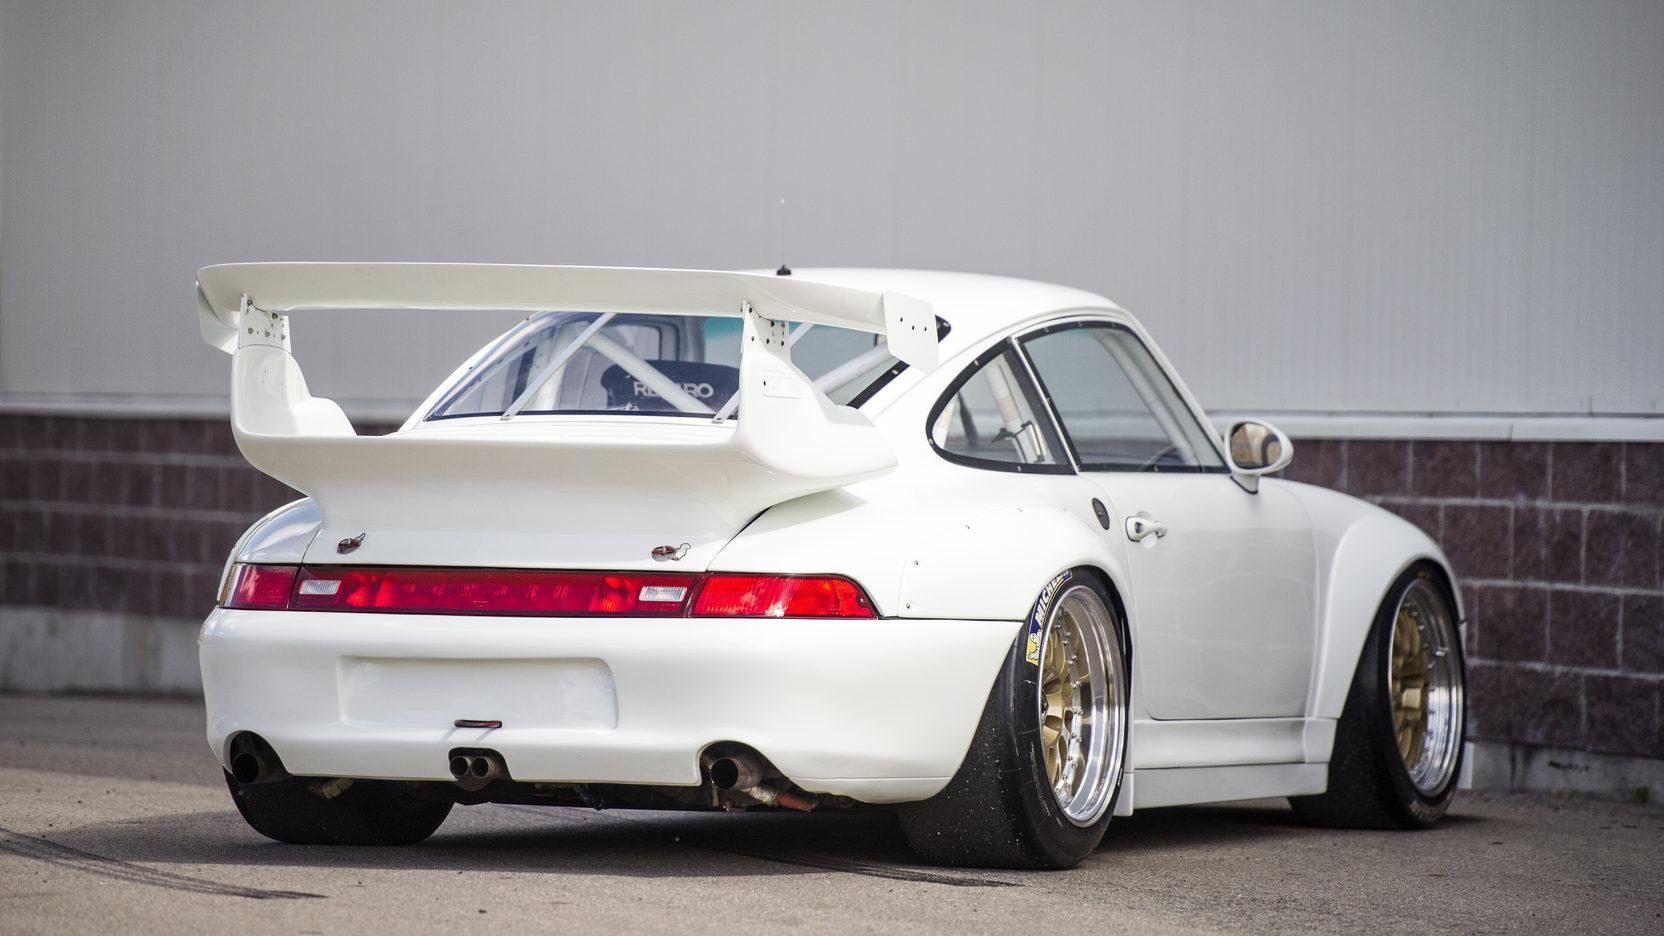 Rare Porsche 993 GT2 Evo Going Under The Hammer